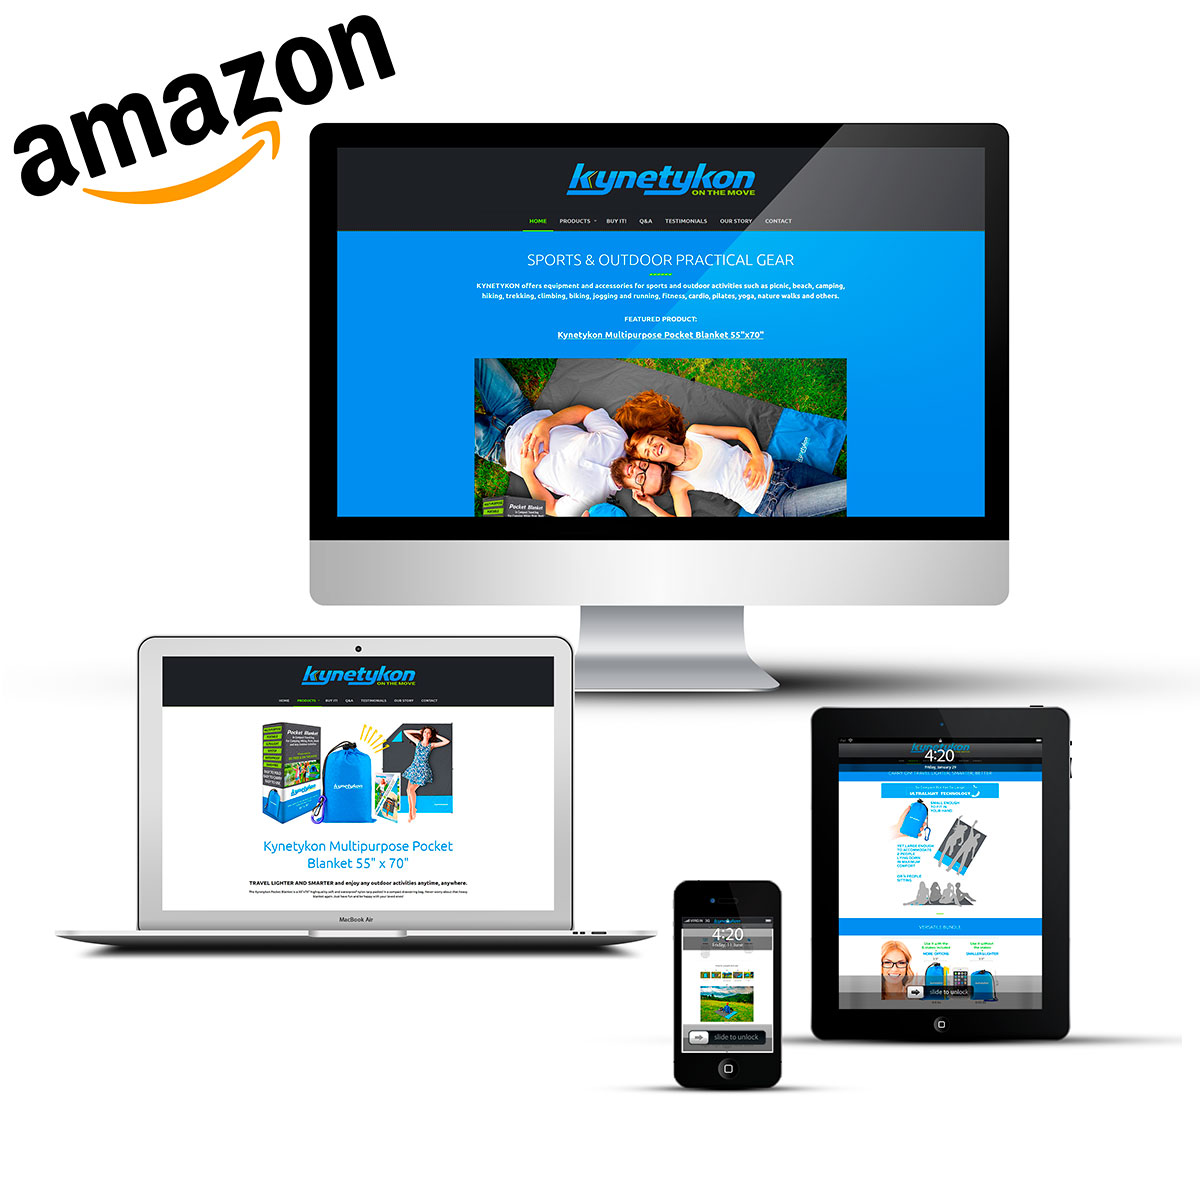 Amazon a creat un nou model de business, care a ajuns și în România. Dacă te-ai hotărât și tu să vinzi produse pe Amazon, știi că ai nevoie de un site de prezentare. Avem experiență și îți putem crea un site care să-ți aducă trafic pe pagina ta de Amazon.